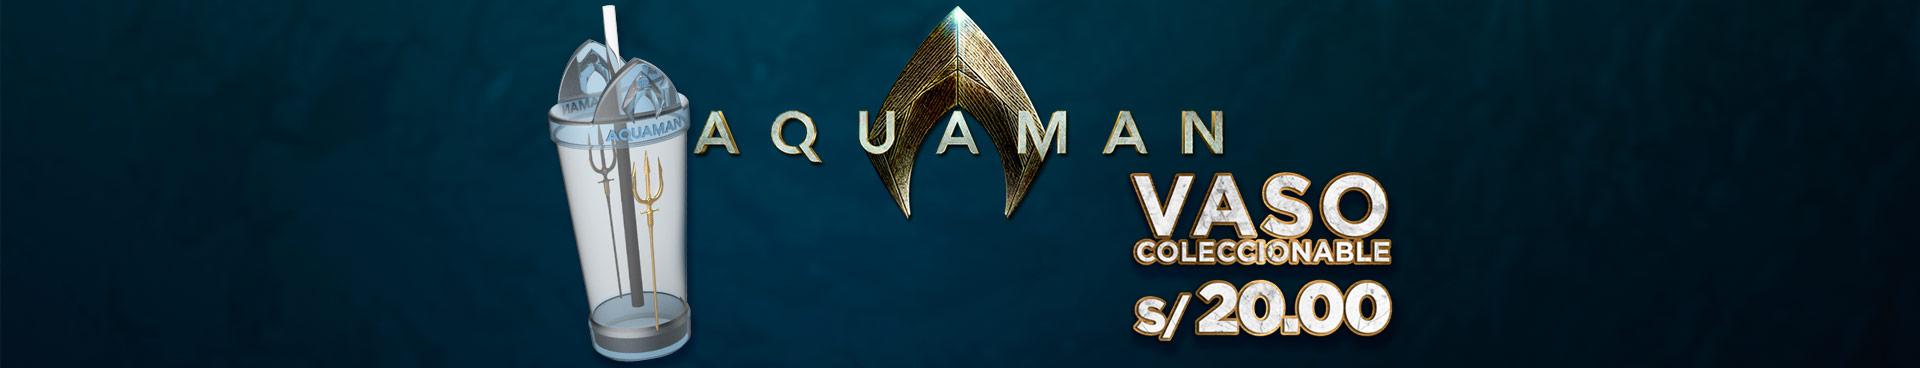 Promoción Aquaman